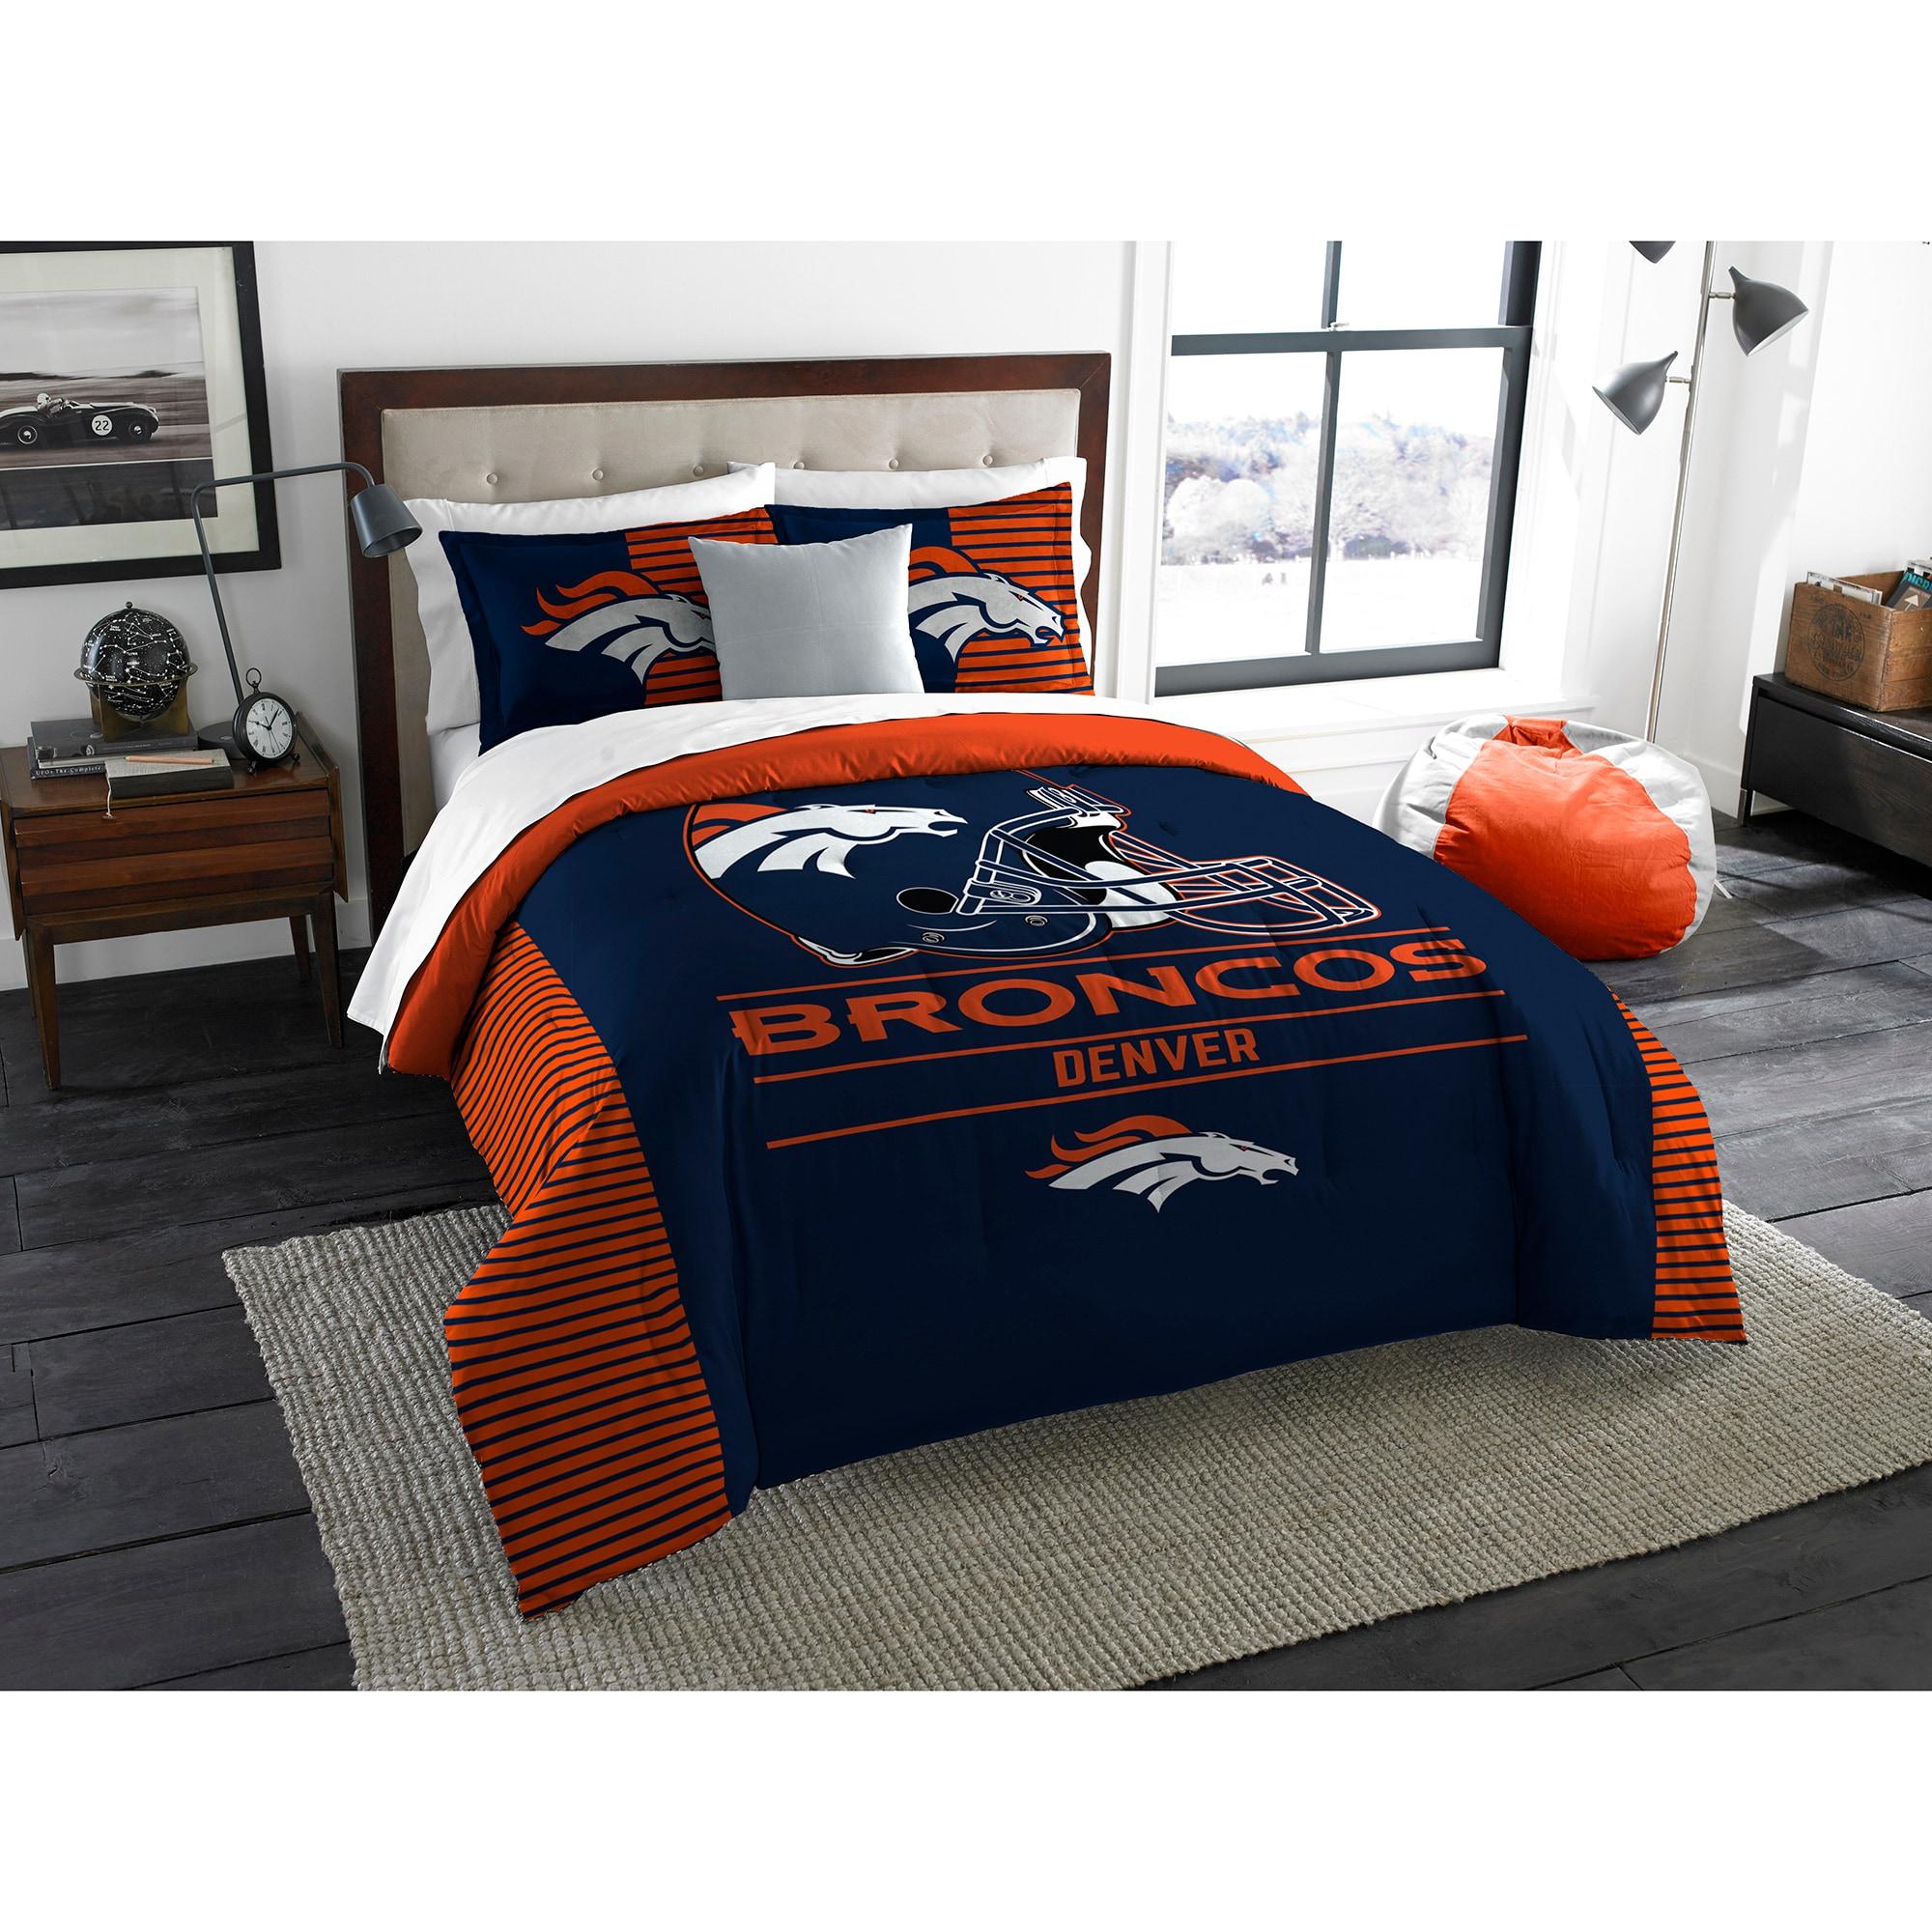 Denver Broncos The Northwest Company NFL Draft King Comforter Set